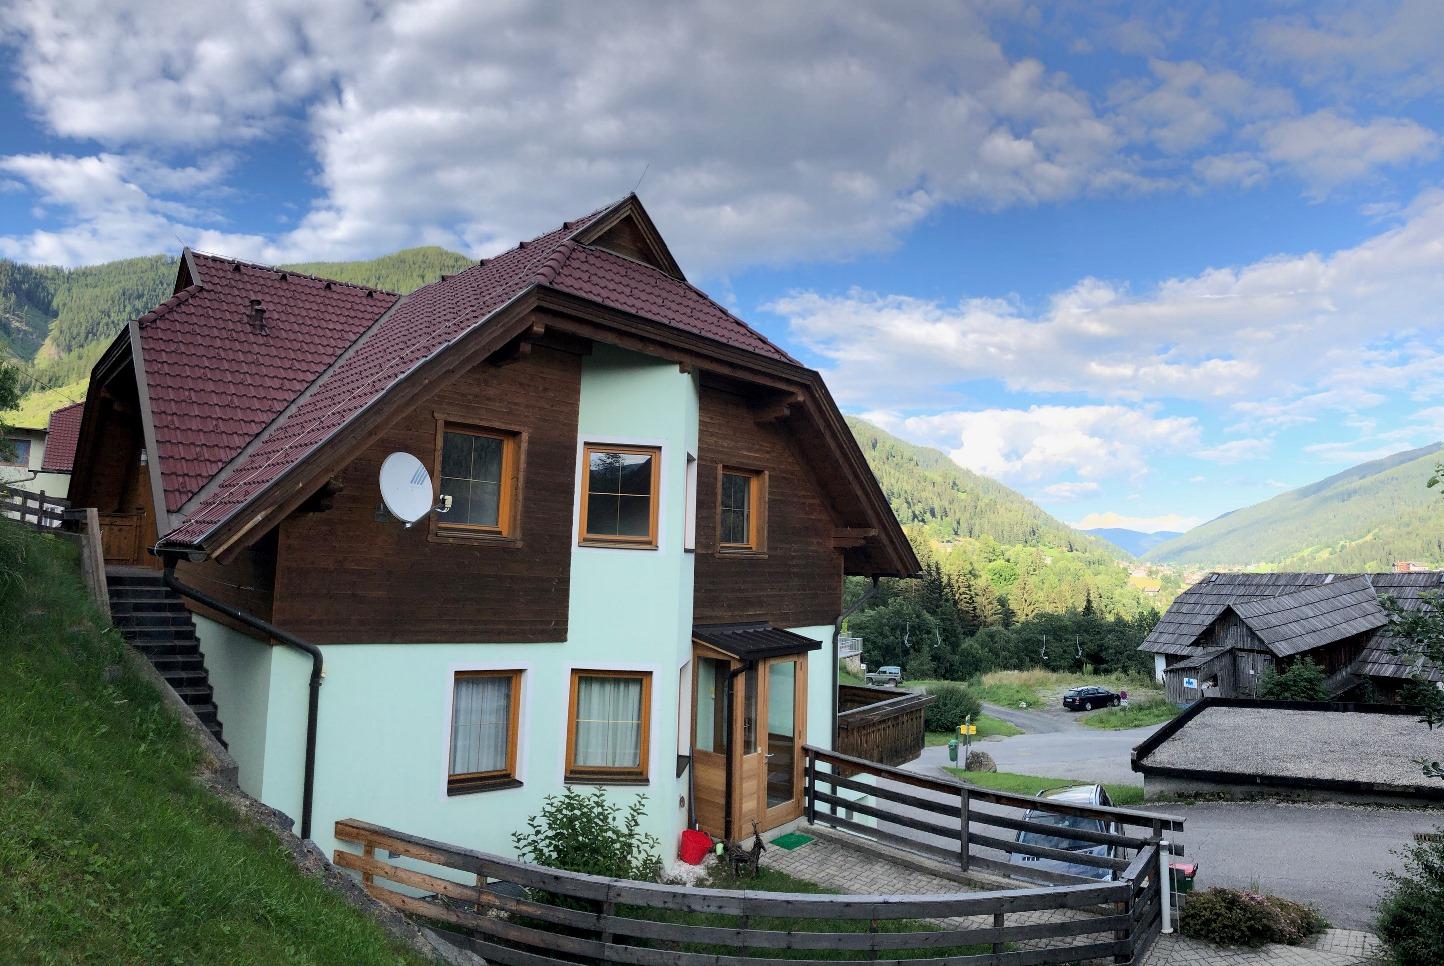 Bad Kleinkirchheim, Kaernten, Apartment (BELLAVISTA) nahe Skipiste, 2 Schlafzimmer, Balkon, Garage, sonnig, schoener Blick, Ortsteil Obertschern